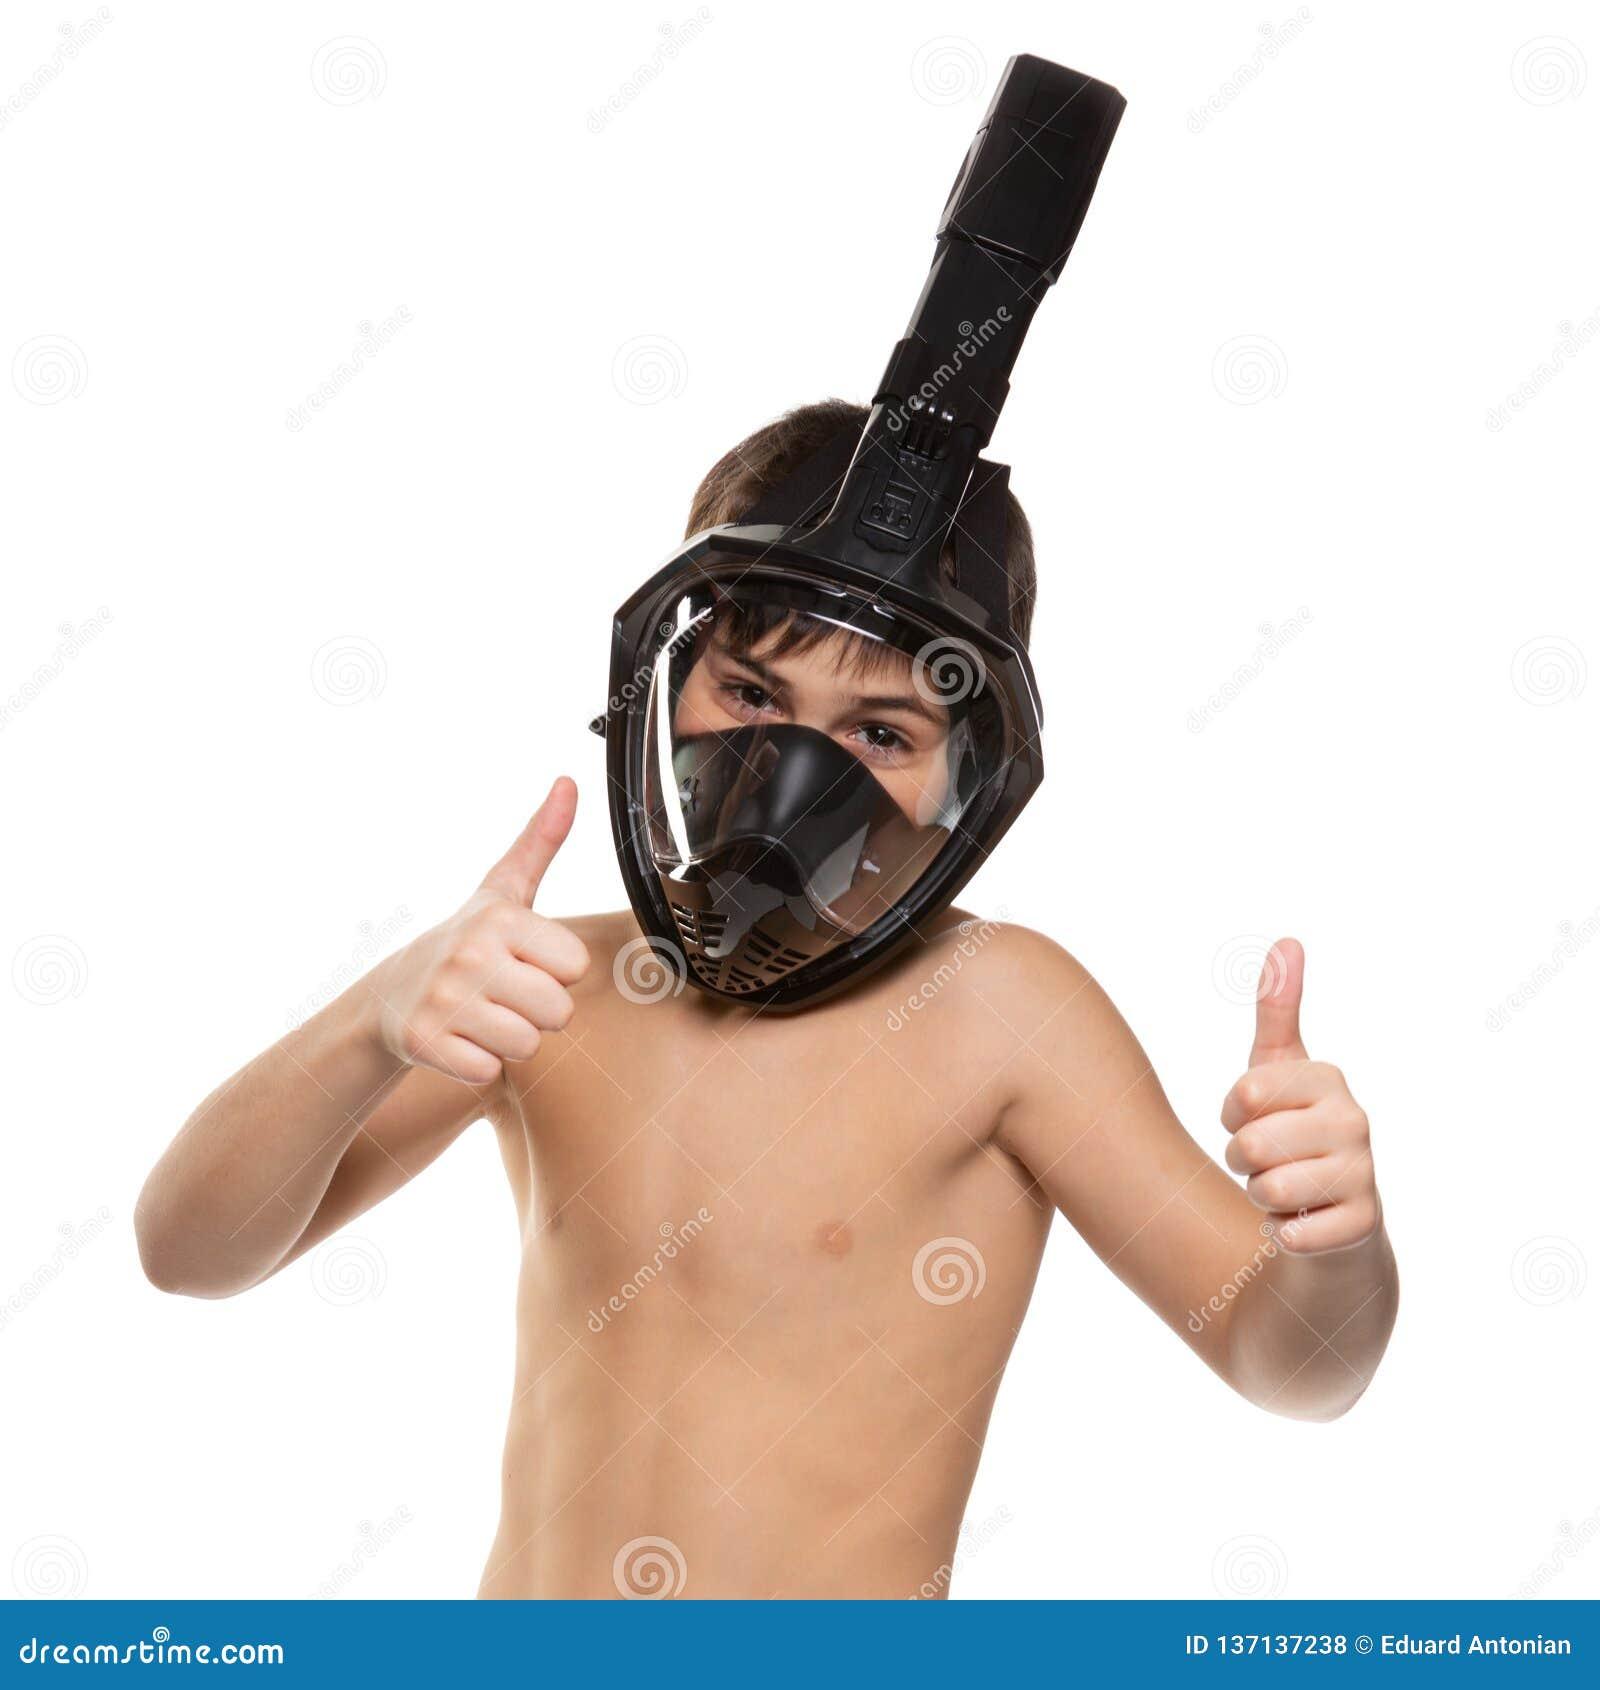 Ο αθλητής αγοριών με μια πλήρη μάσκα κατάδυσης προσώπου στο πρόσωπό του, αγόρι παρουσιάζει χειρονομίες, έννοια τρόπου ζωής, σε έν